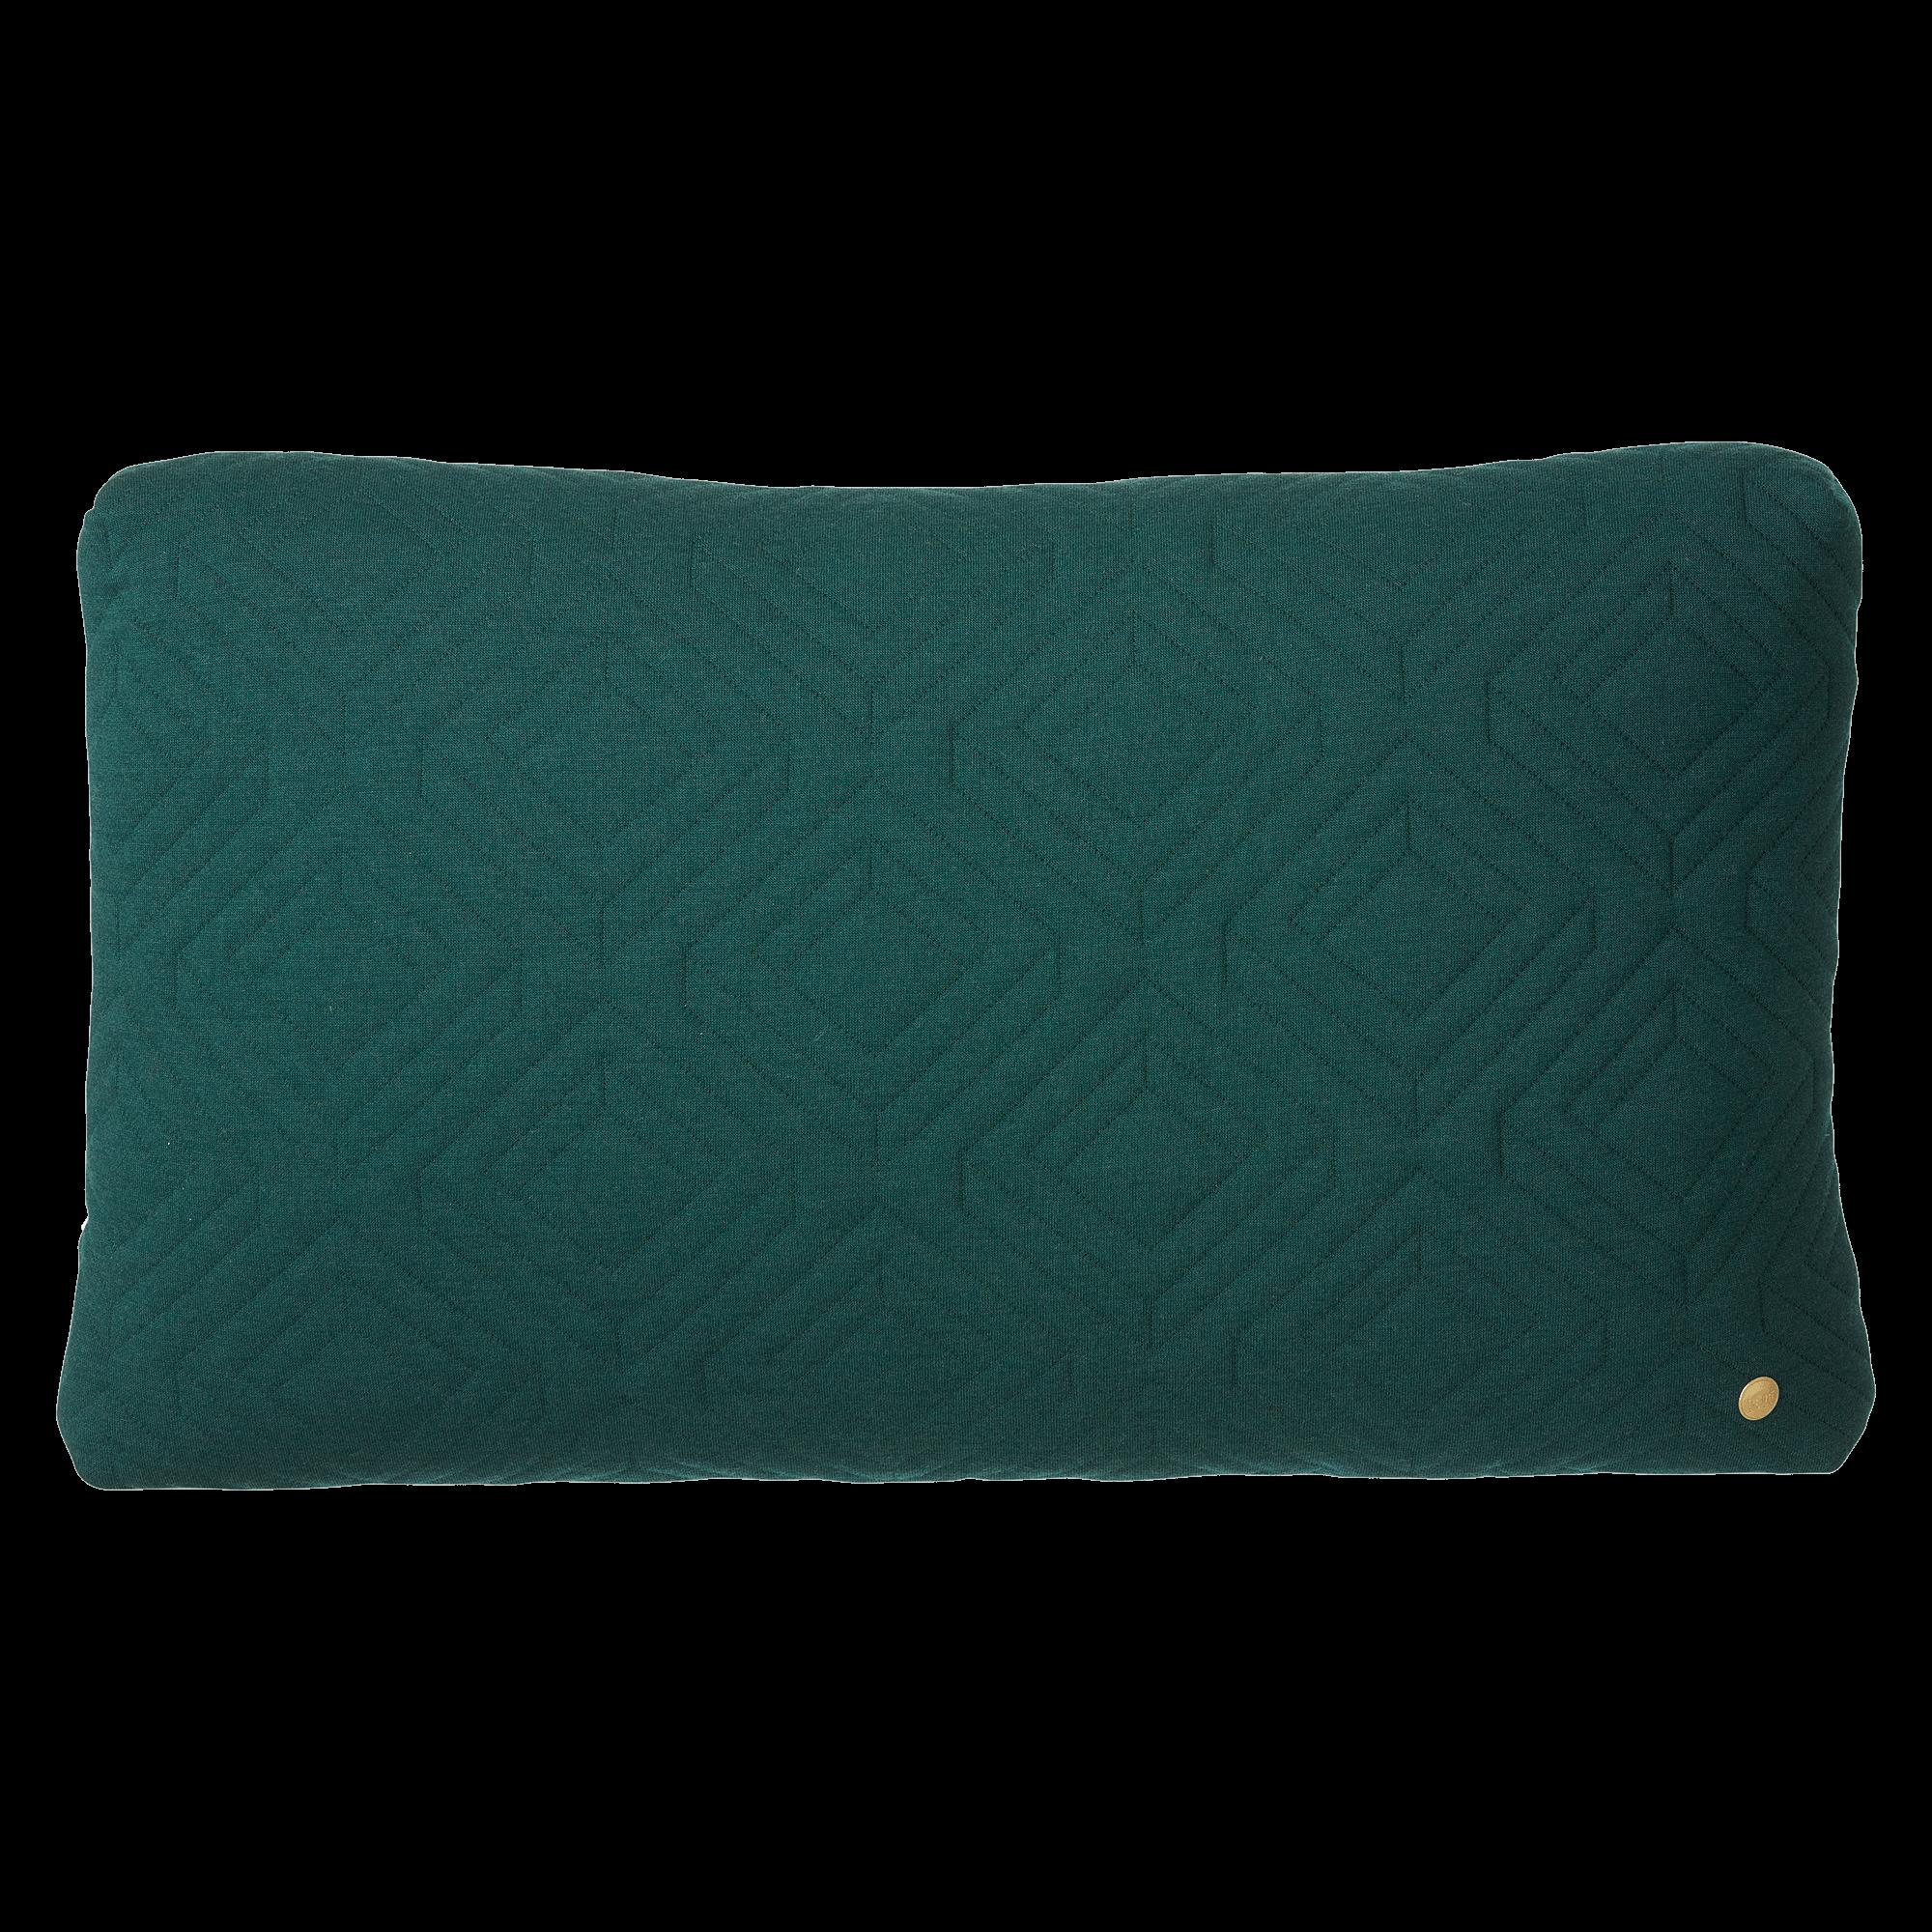 Quilt cushion - green